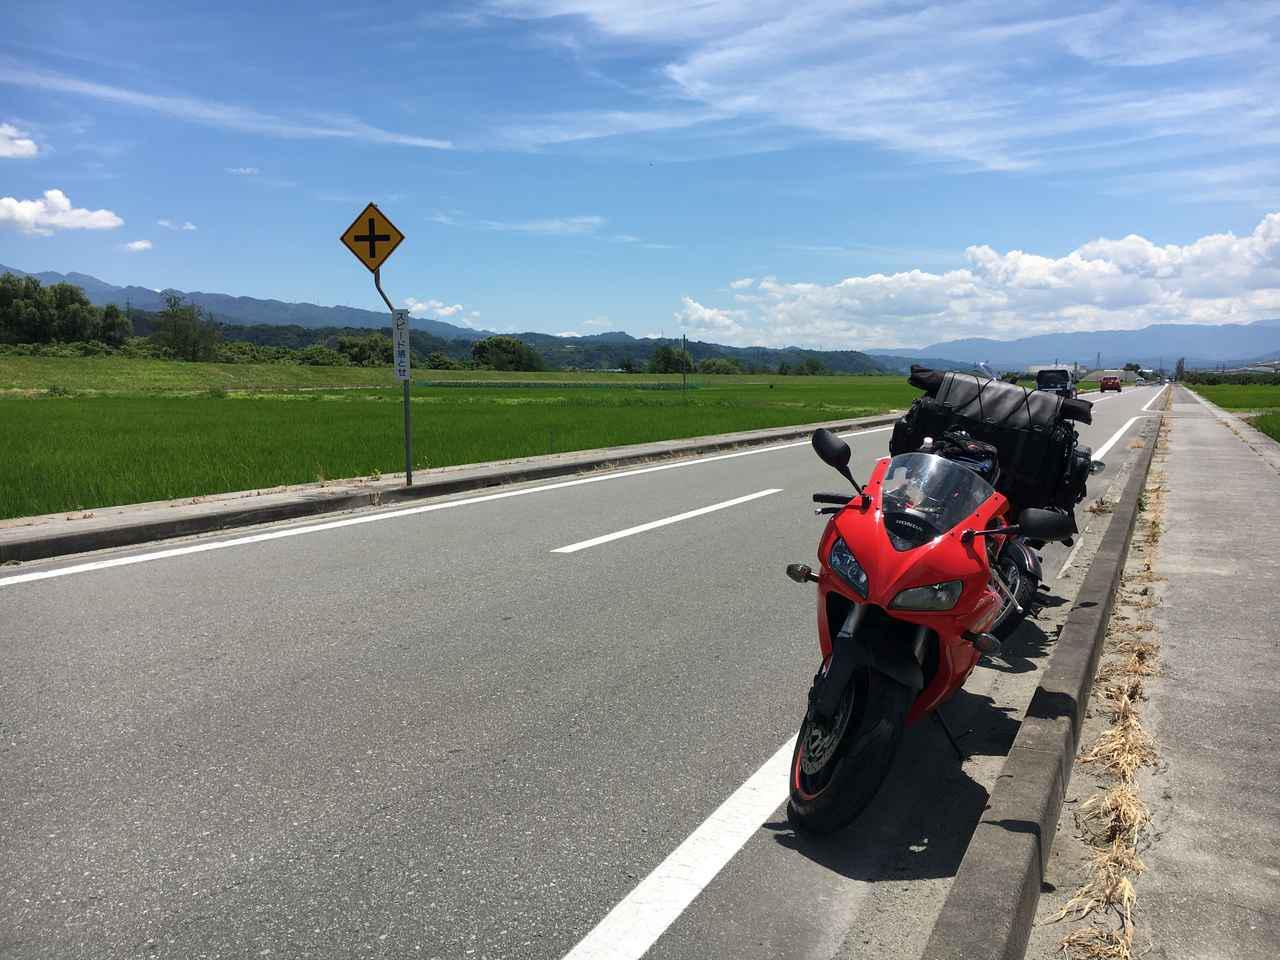 画像: 【長野】バイクでツーリング&キャンプ 2泊3日でキャンピングフィールド木曽古道へ - ハピキャン(HAPPY CAMPER)